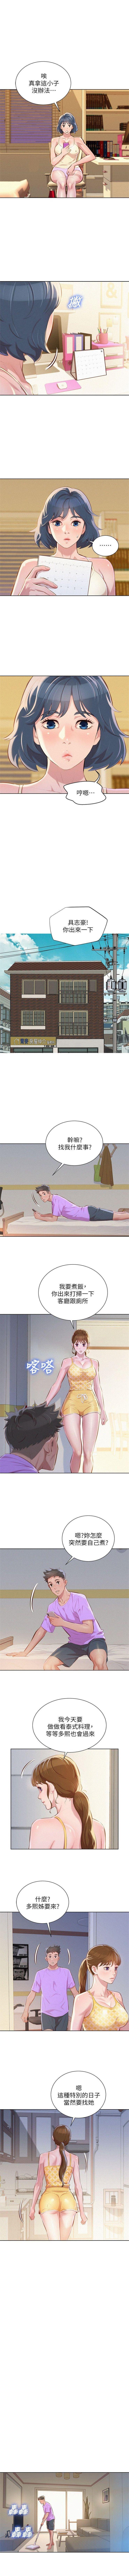 (週7)漂亮幹姐姐  1-92 中文翻譯 (更新中) 233